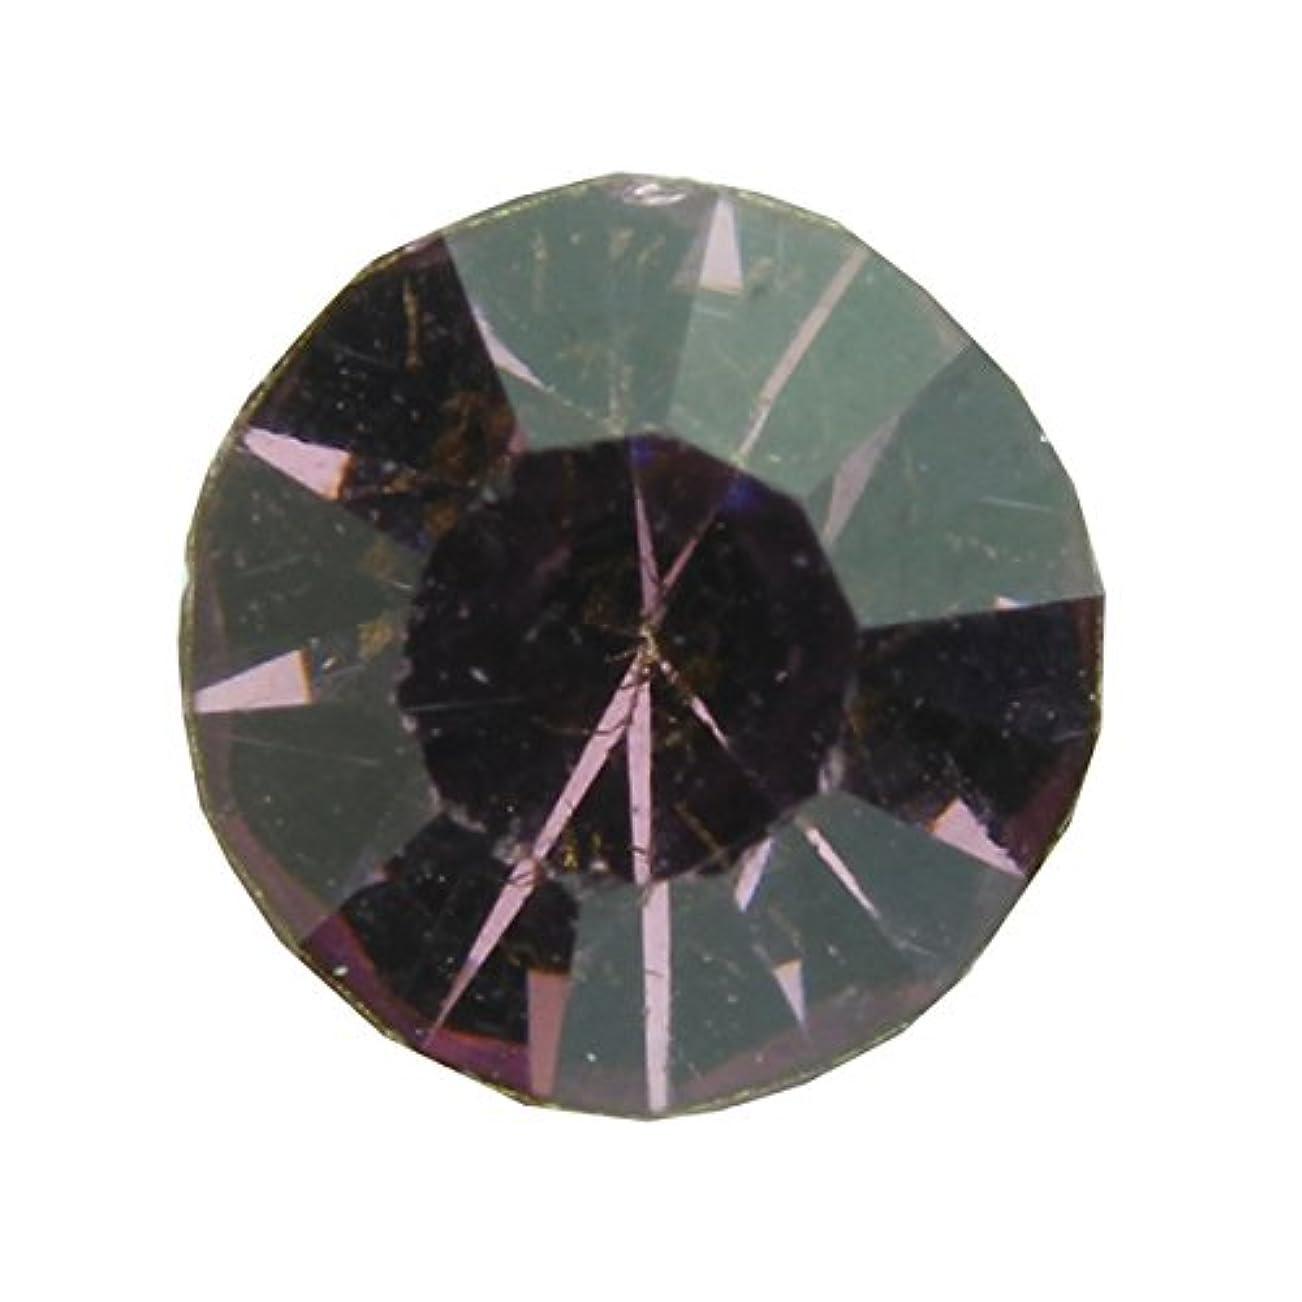 郊外ピグマリオン咽頭アクリルストーンVカット ss12(約3.0mm)(30個入り) アメジスト